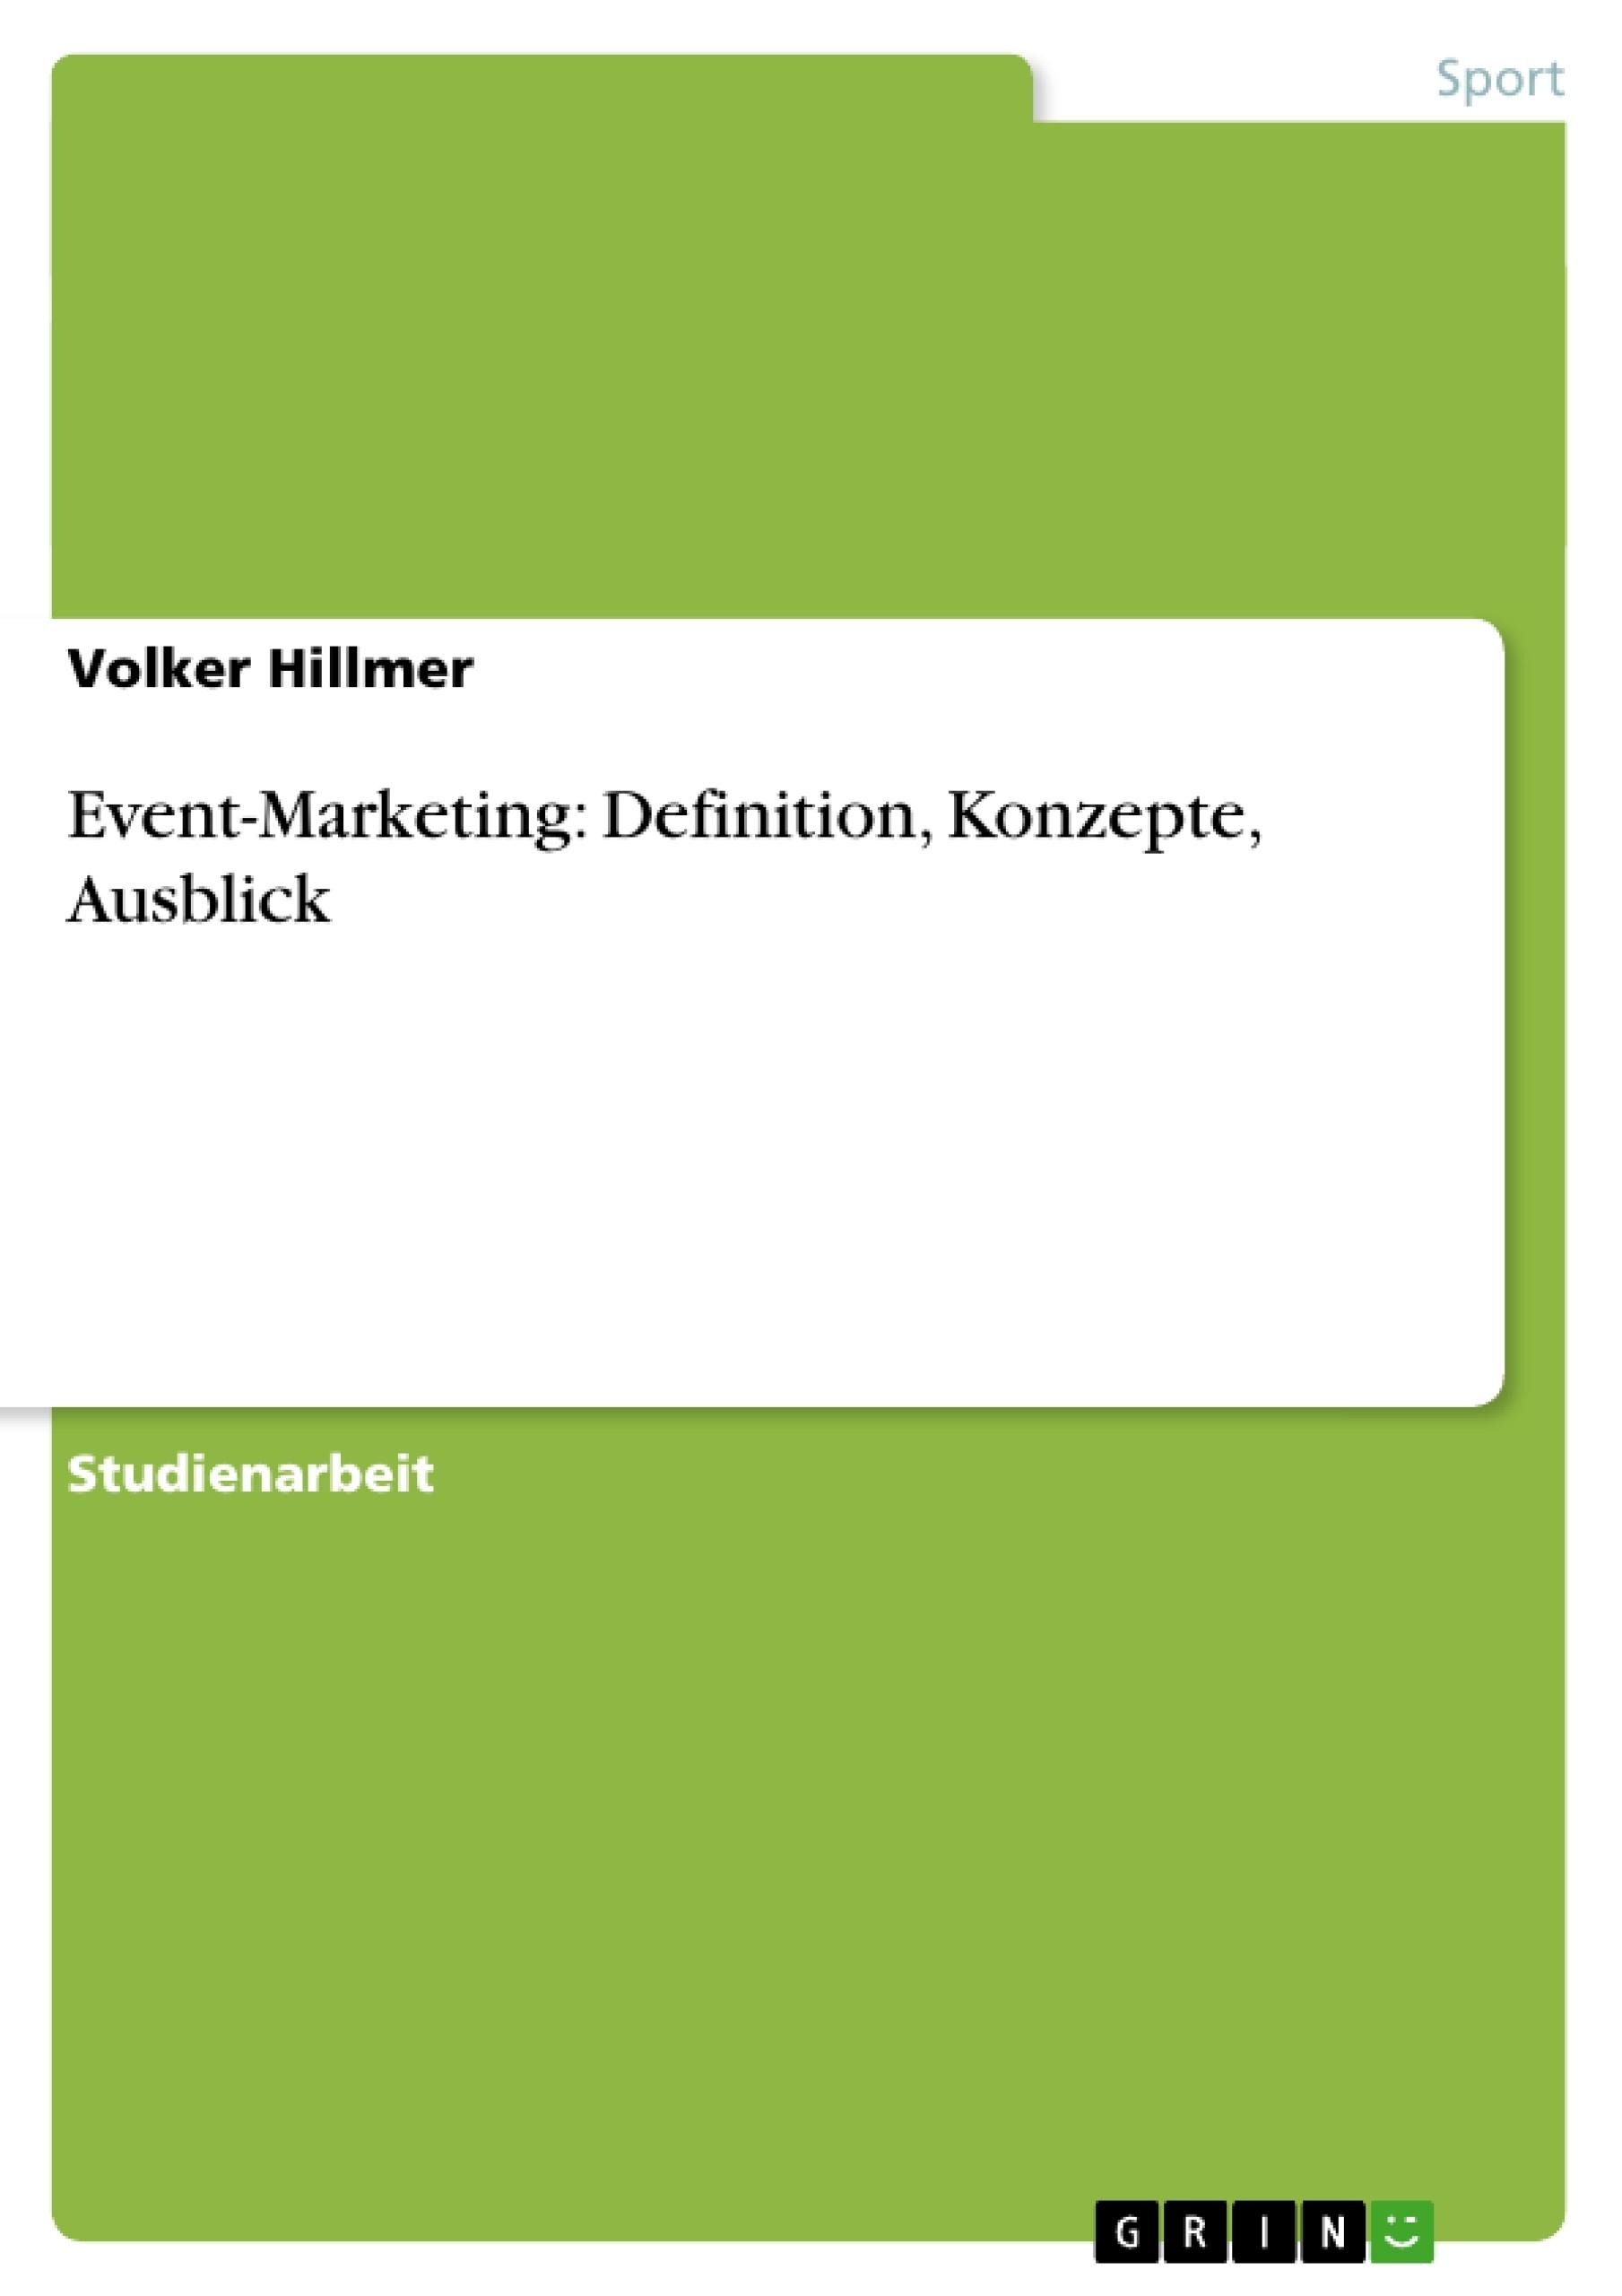 Titel: Event-Marketing: Definition, Konzepte, Ausblick